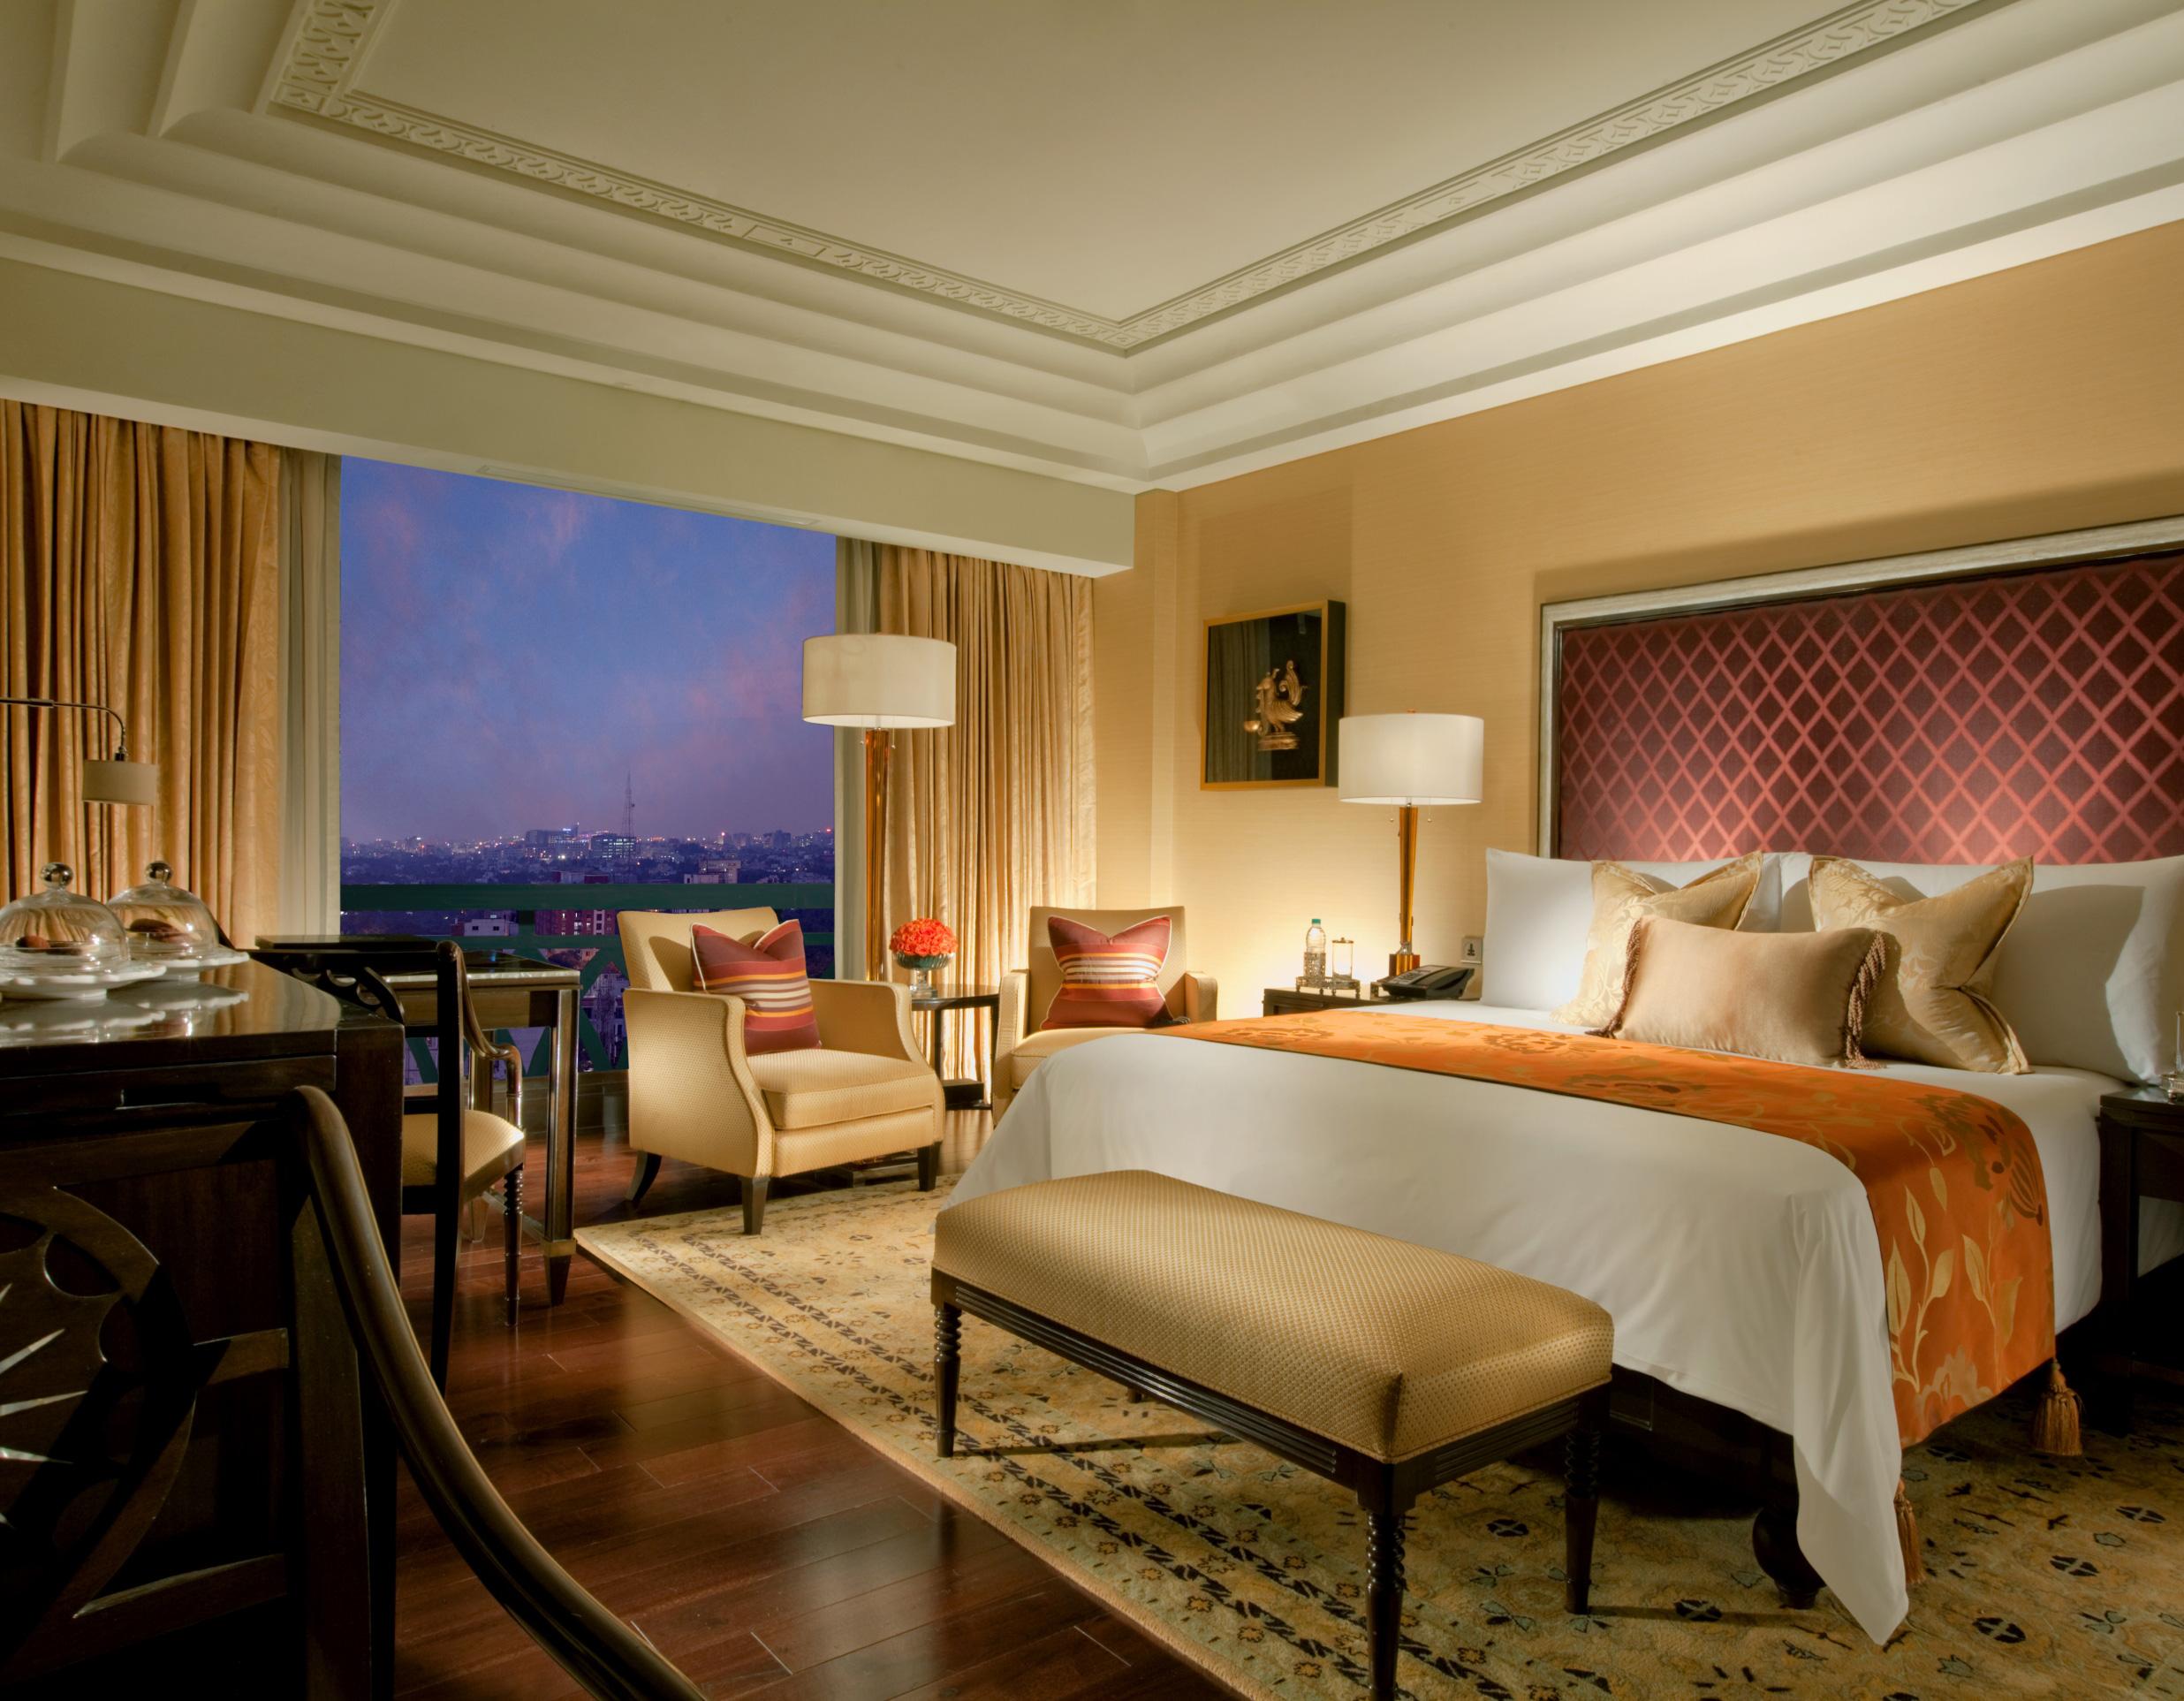 Hoteles de lujo en el sur de india for Hoteles de lujo en vitoria